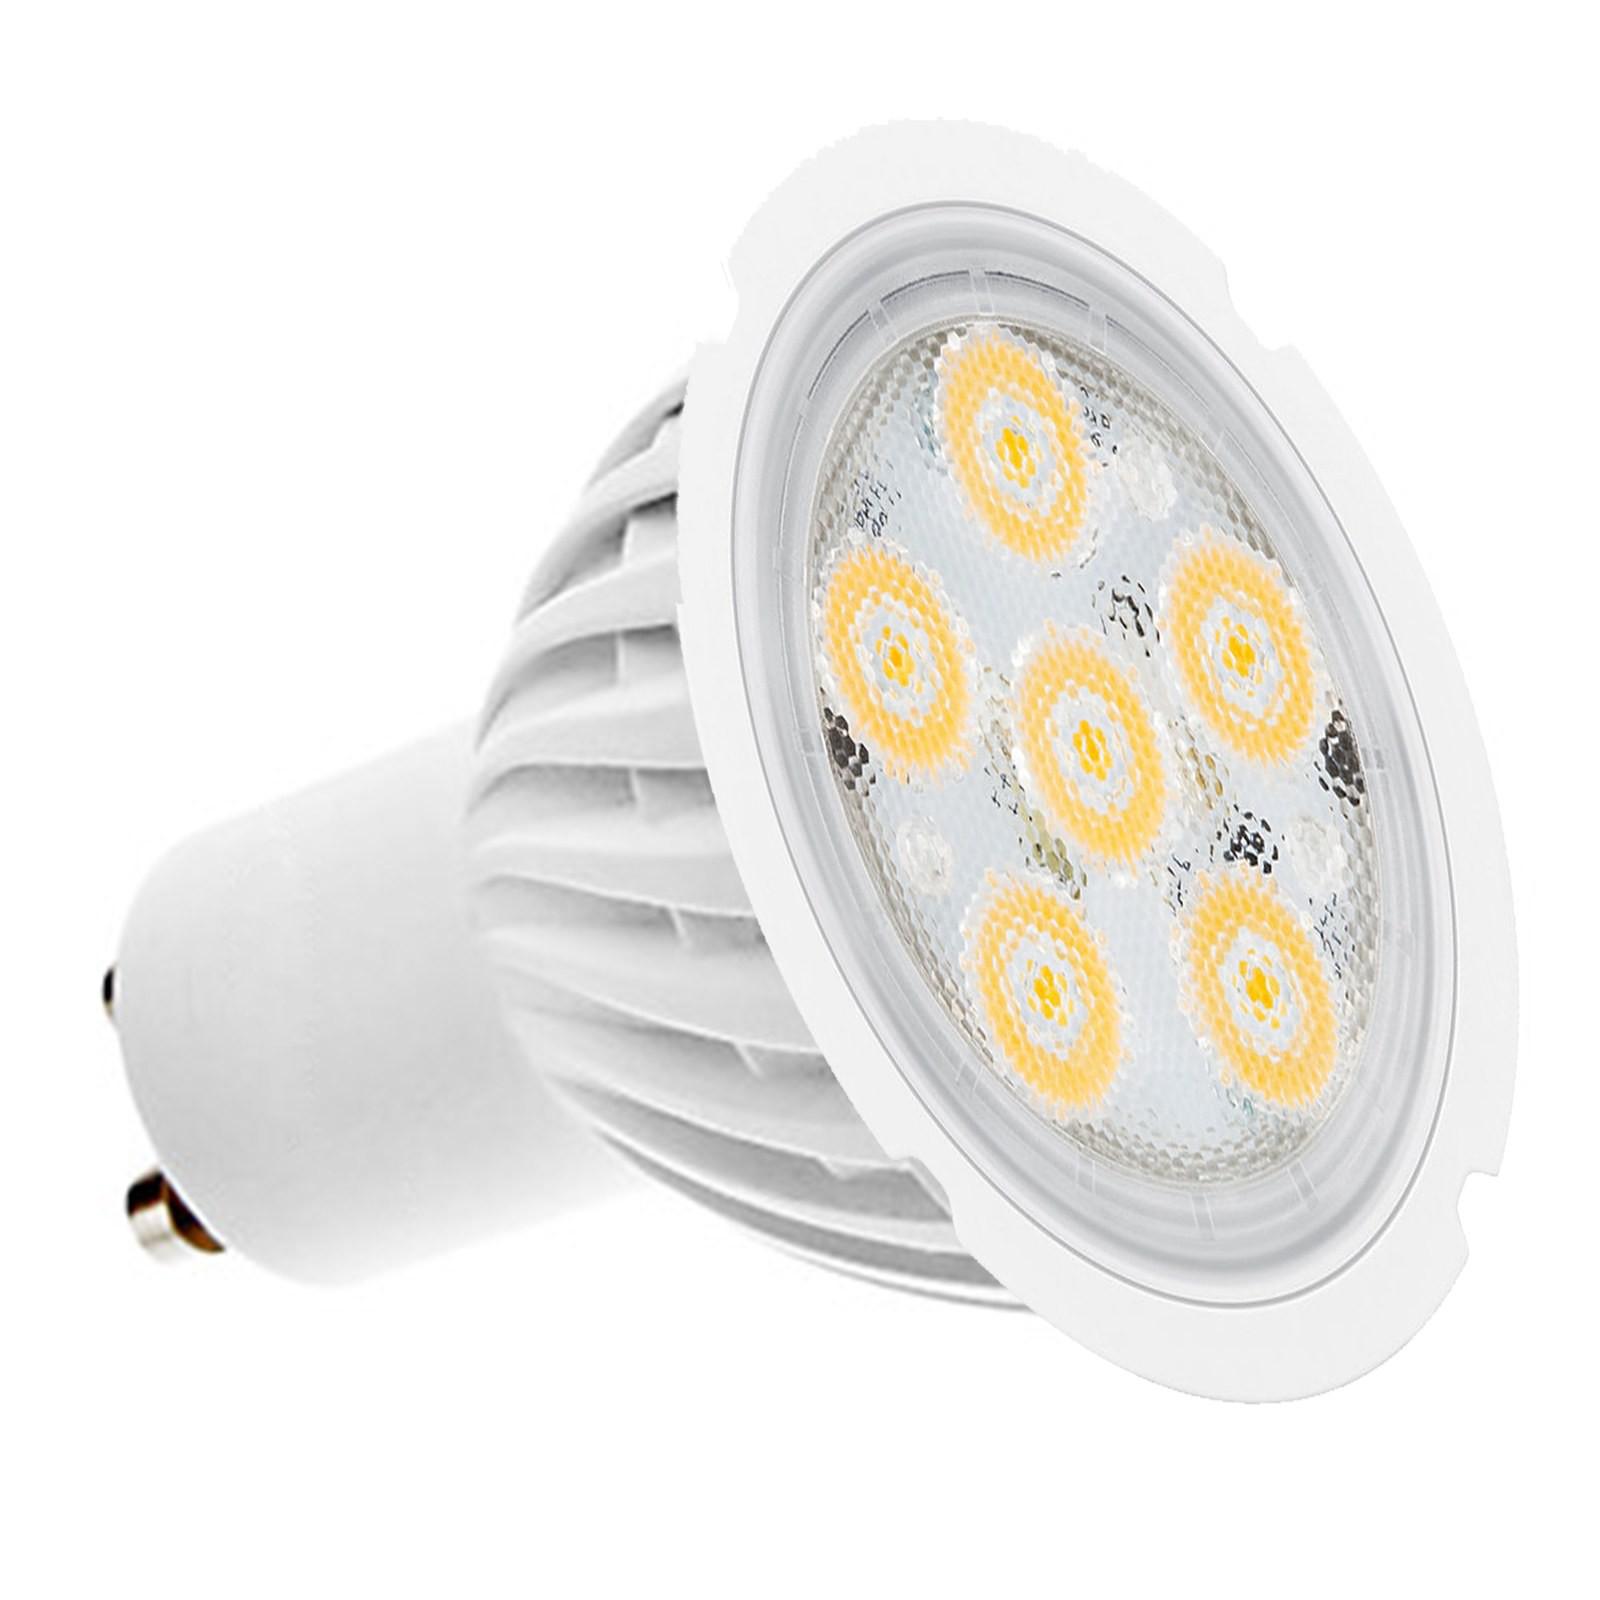 lampadina lampada faro faretto a 6 led spot gu10 4w luce fredda smd 220 lumen area illumina. Black Bedroom Furniture Sets. Home Design Ideas